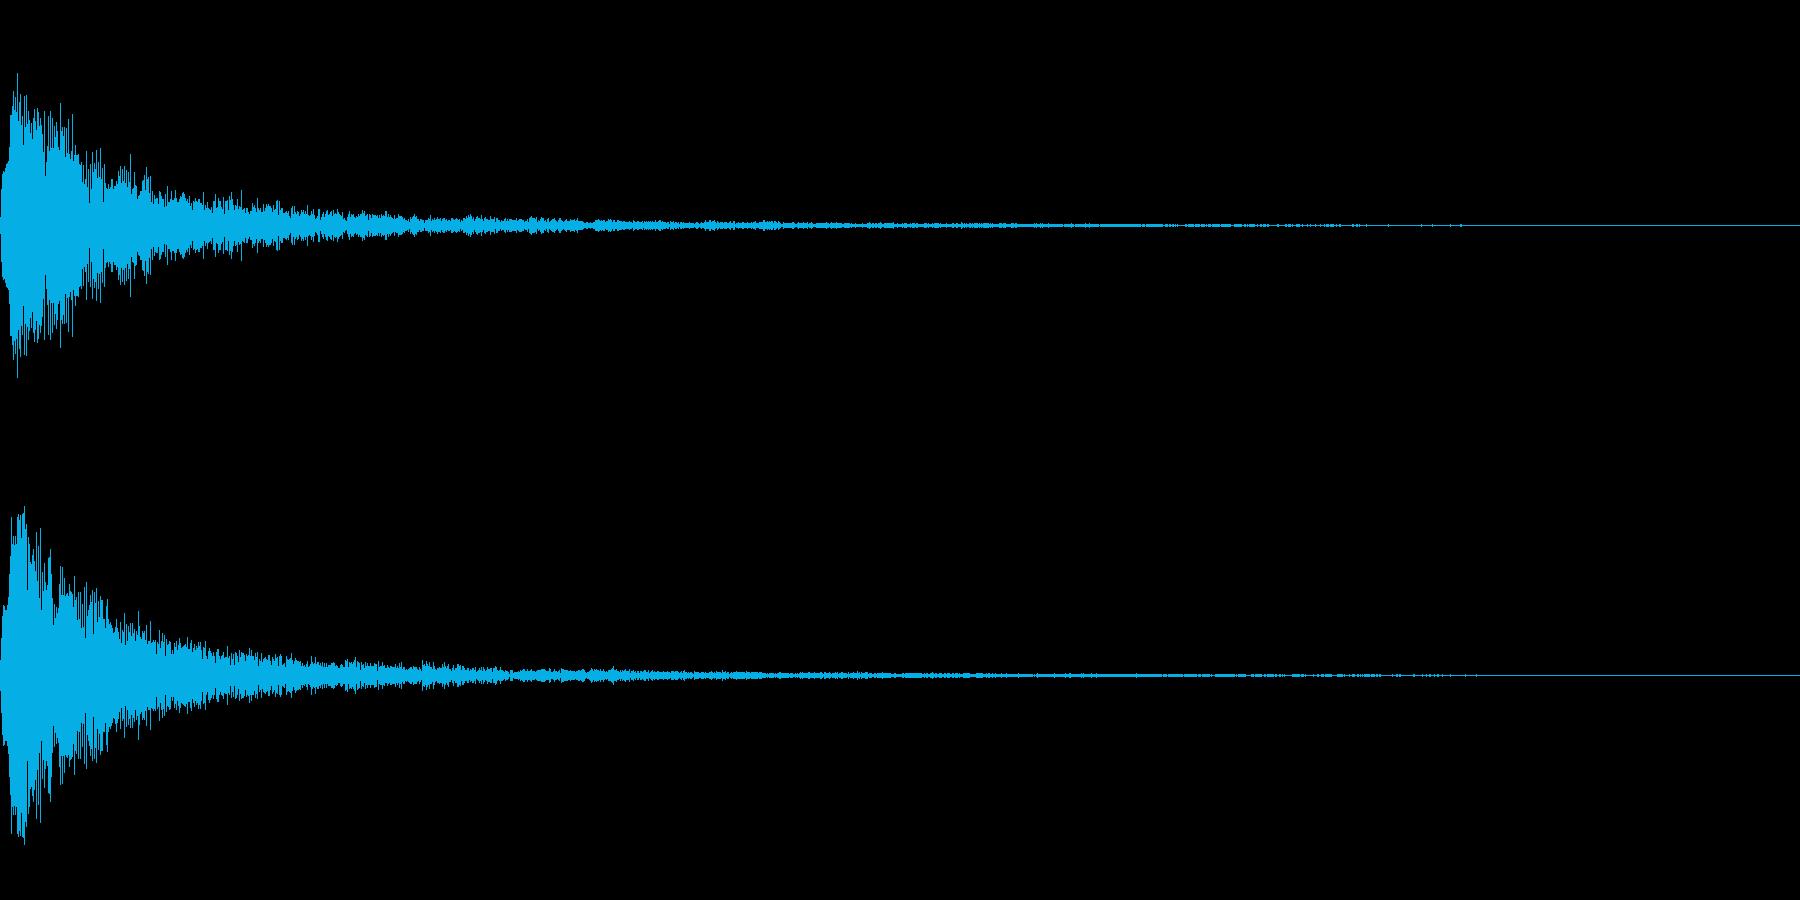 テロップ表示音~明るめの高音~の再生済みの波形